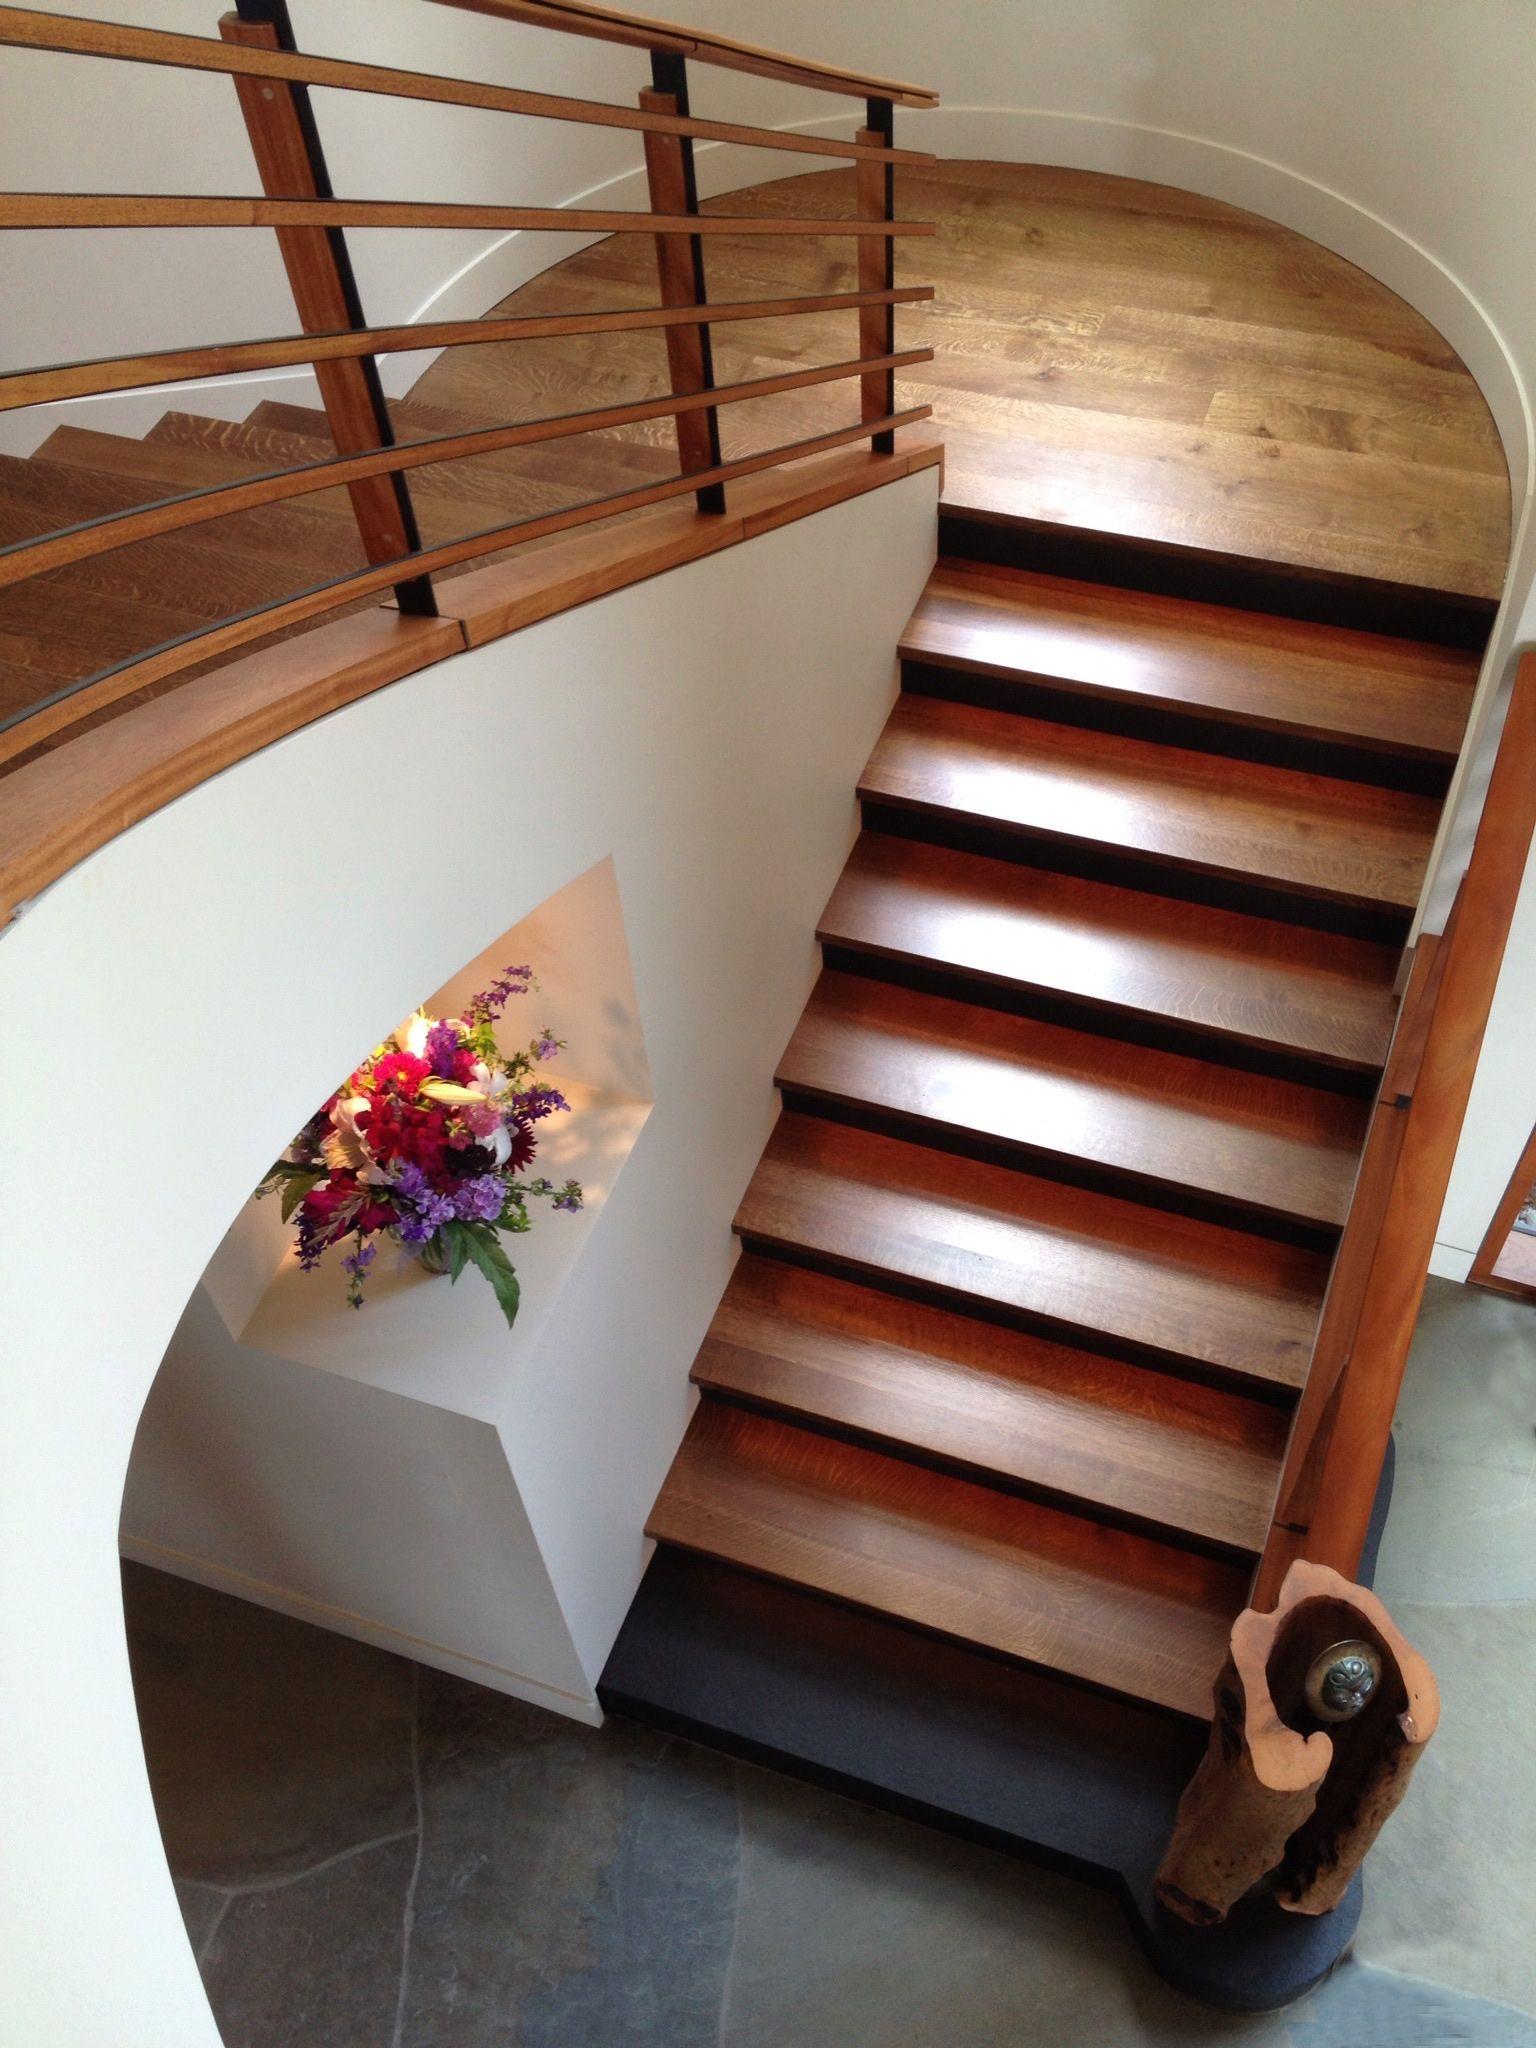 Rift & Quartered white oak stairs